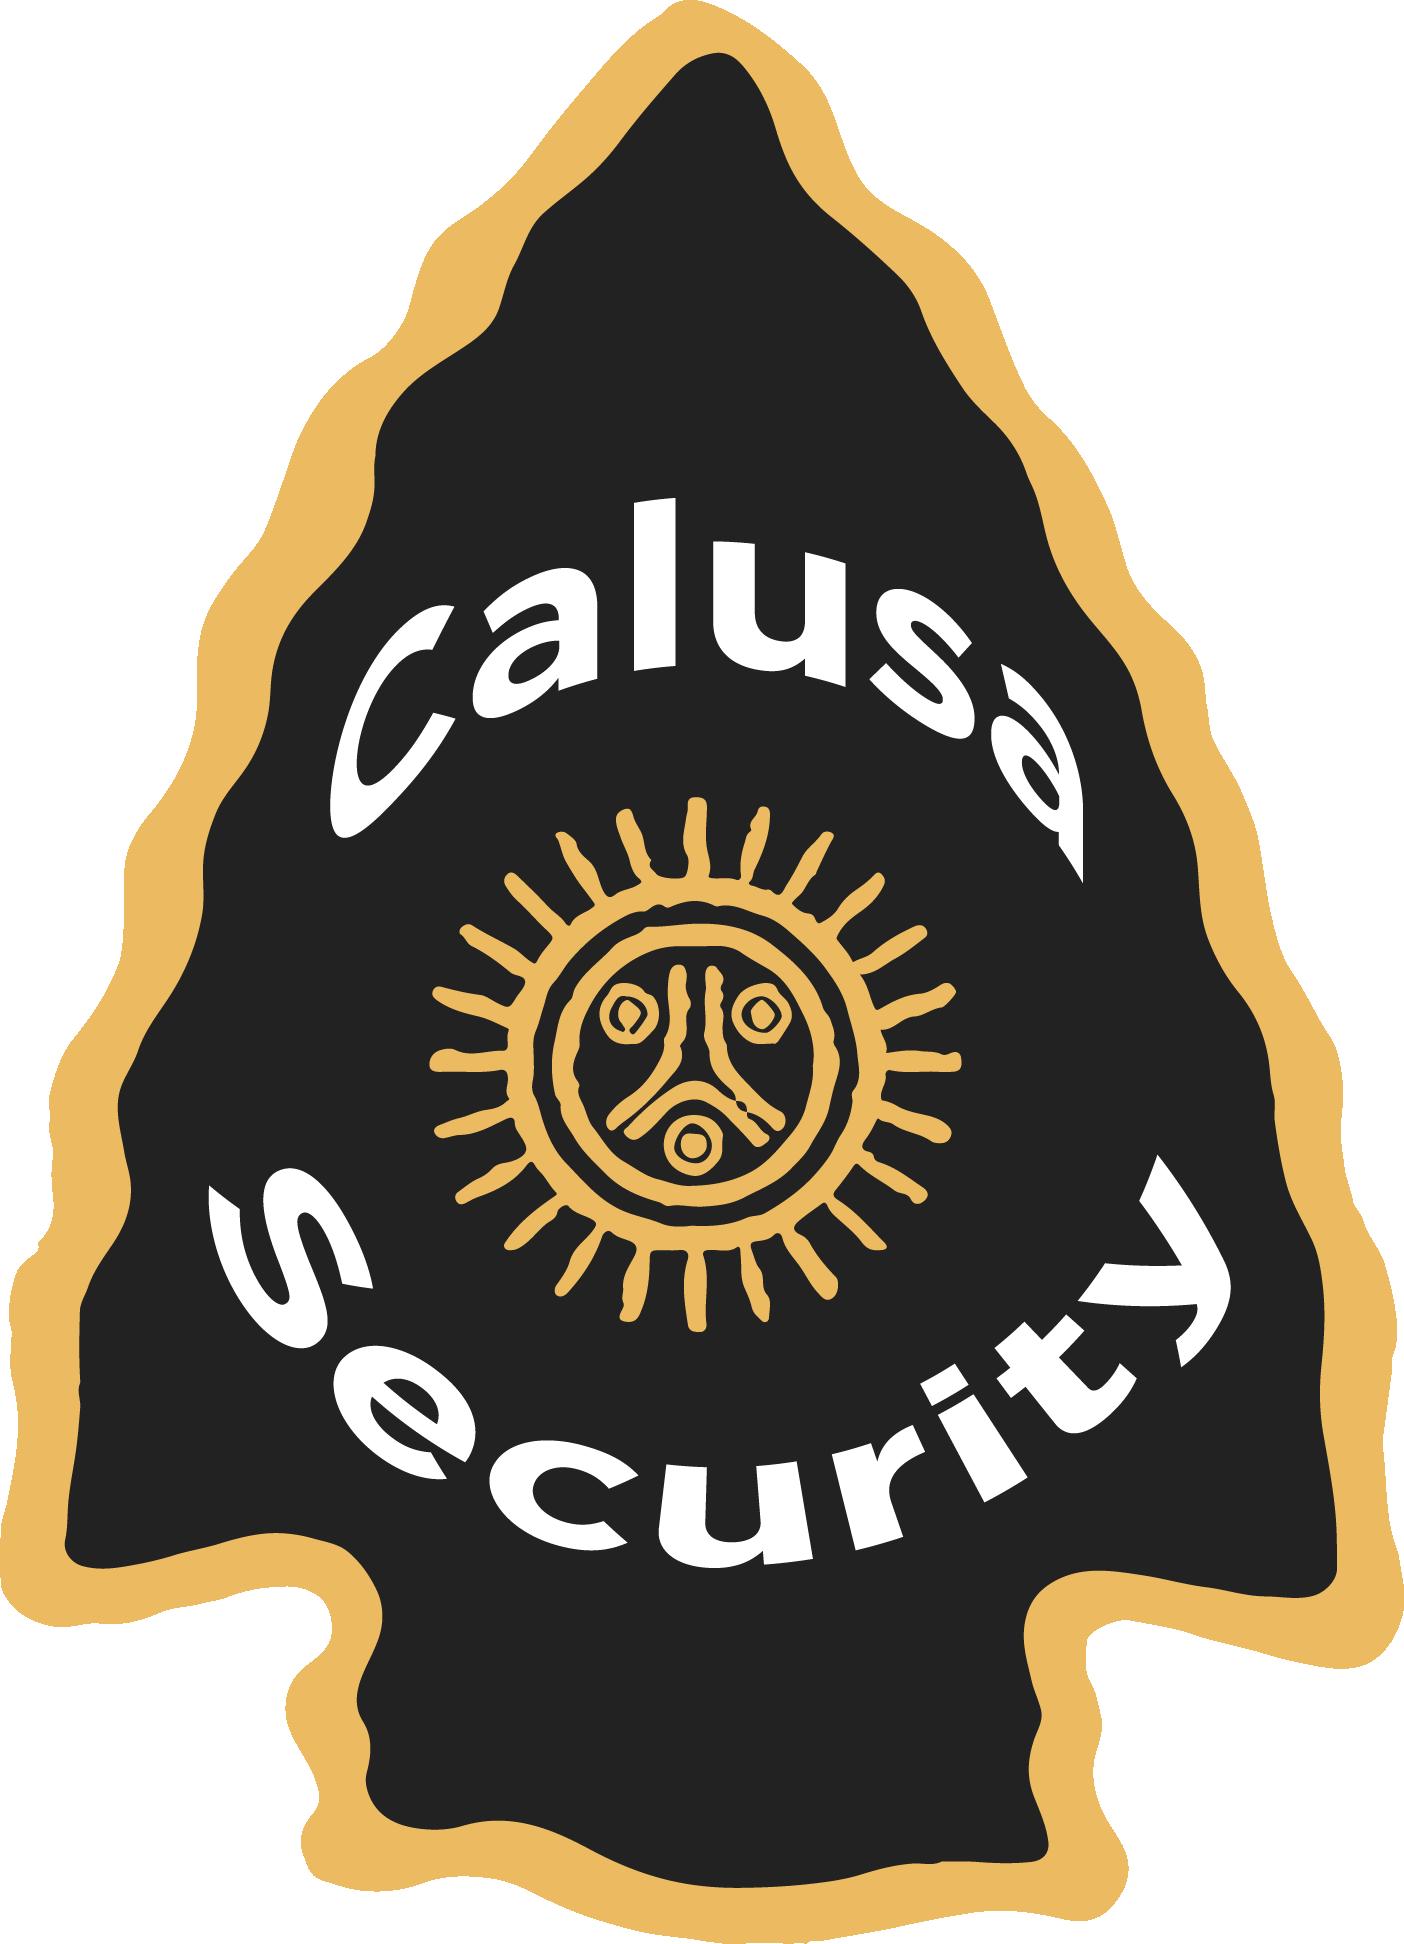 Calusa Security